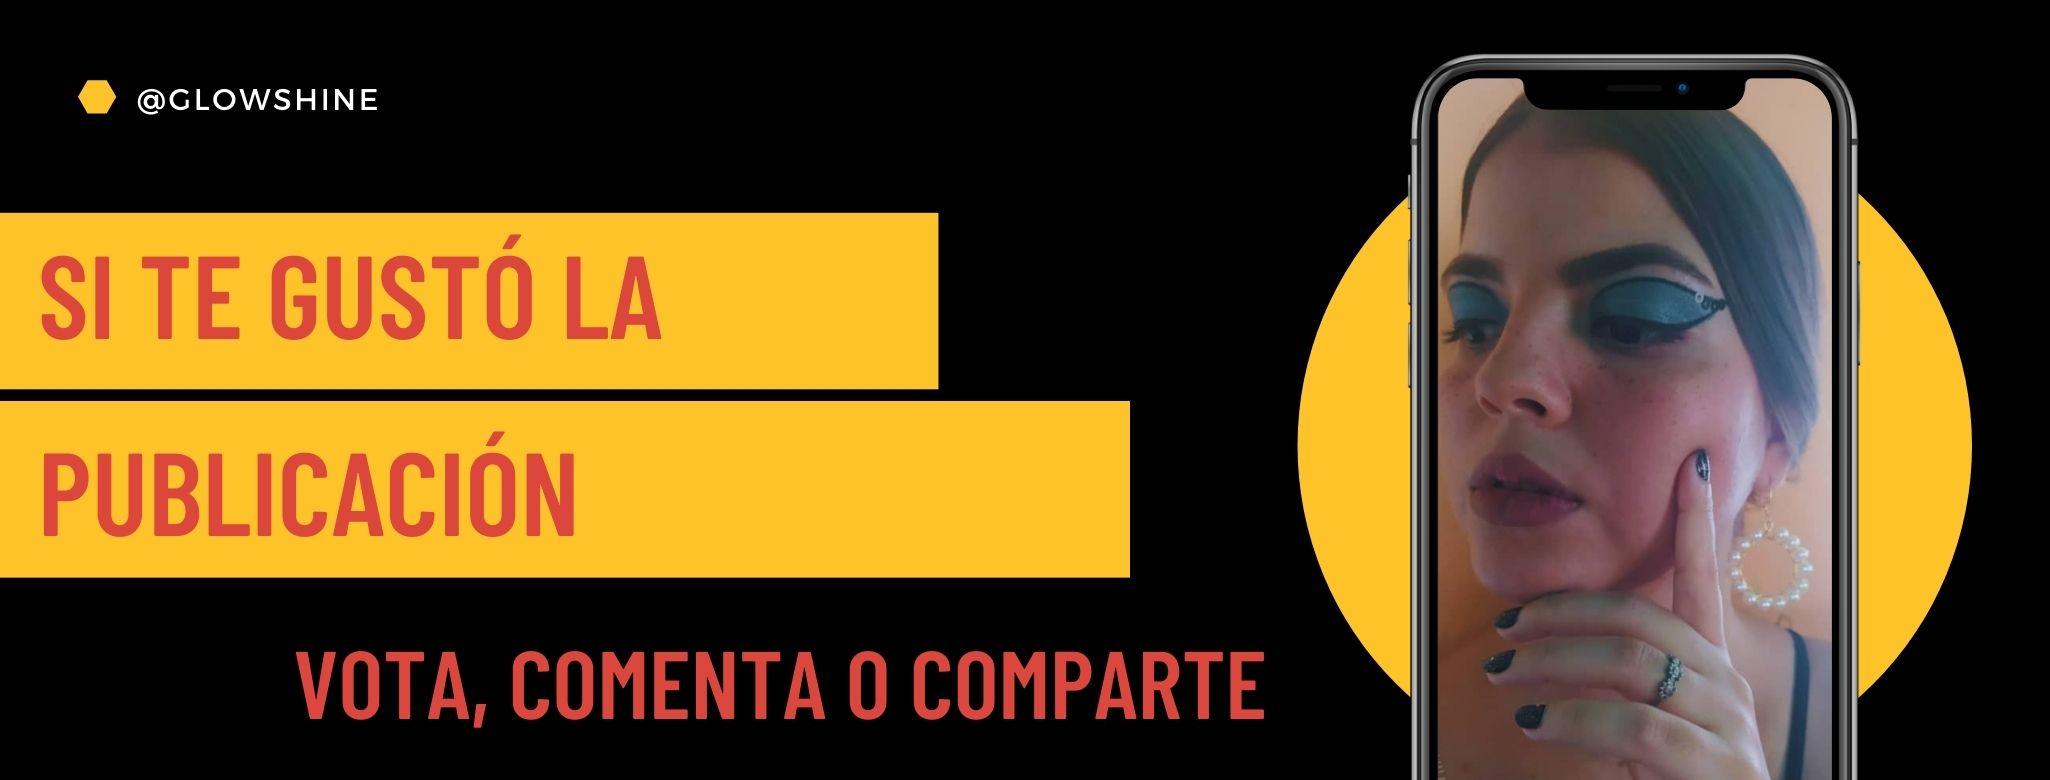 Rojo Amarillo Color Bloque Foto Comida Servicio de Entrega Empresa Portada de Facebook.jpg